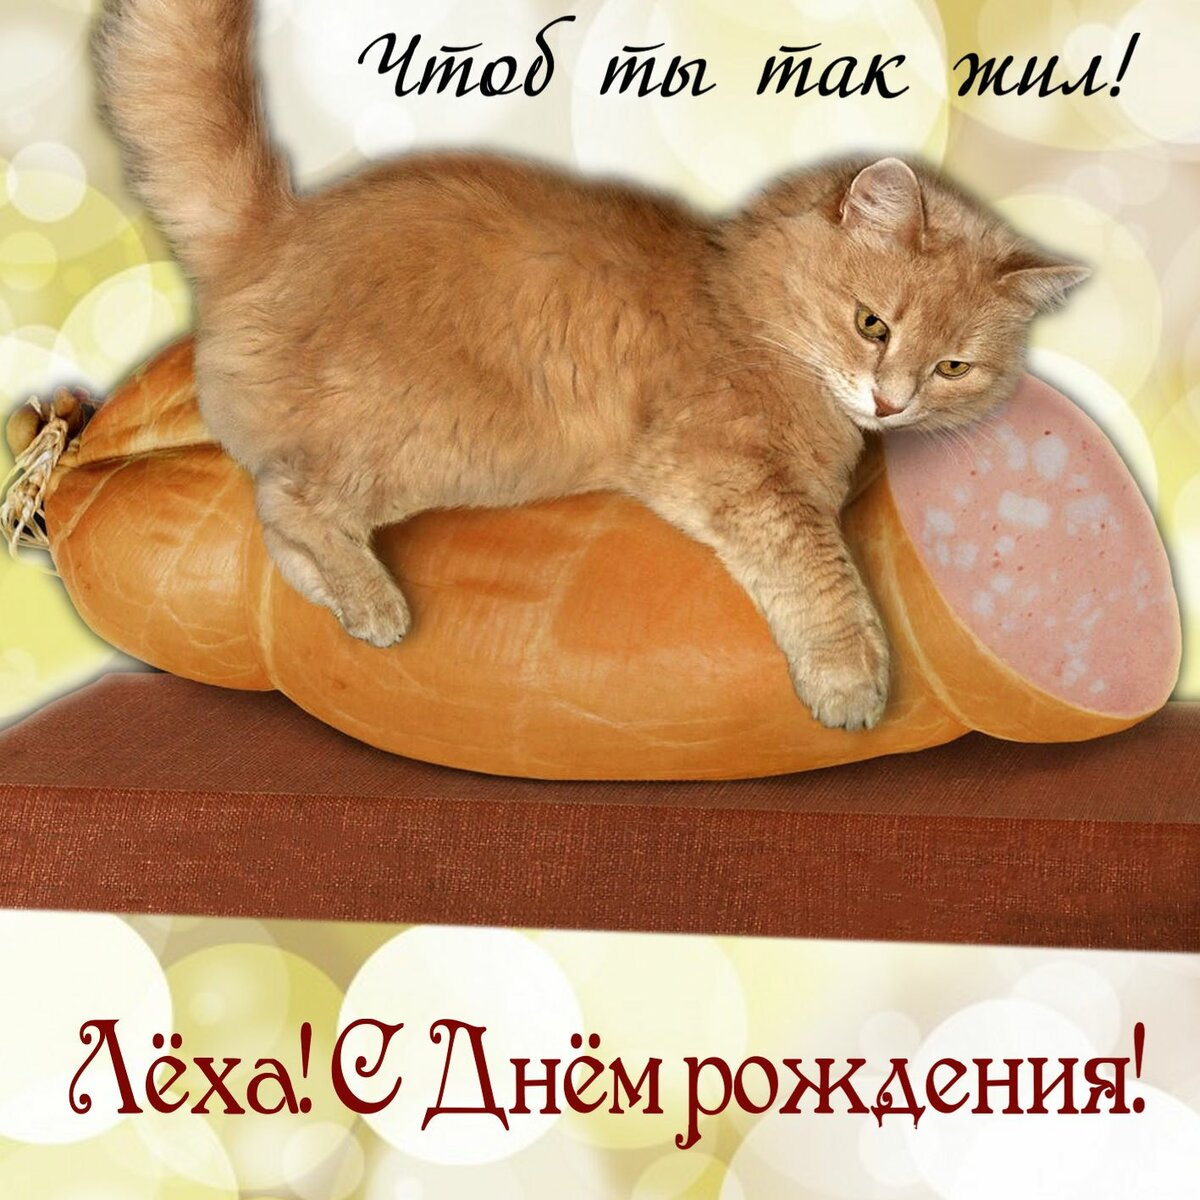 Поздравление с днем рождения открытка с котами, бабочкой